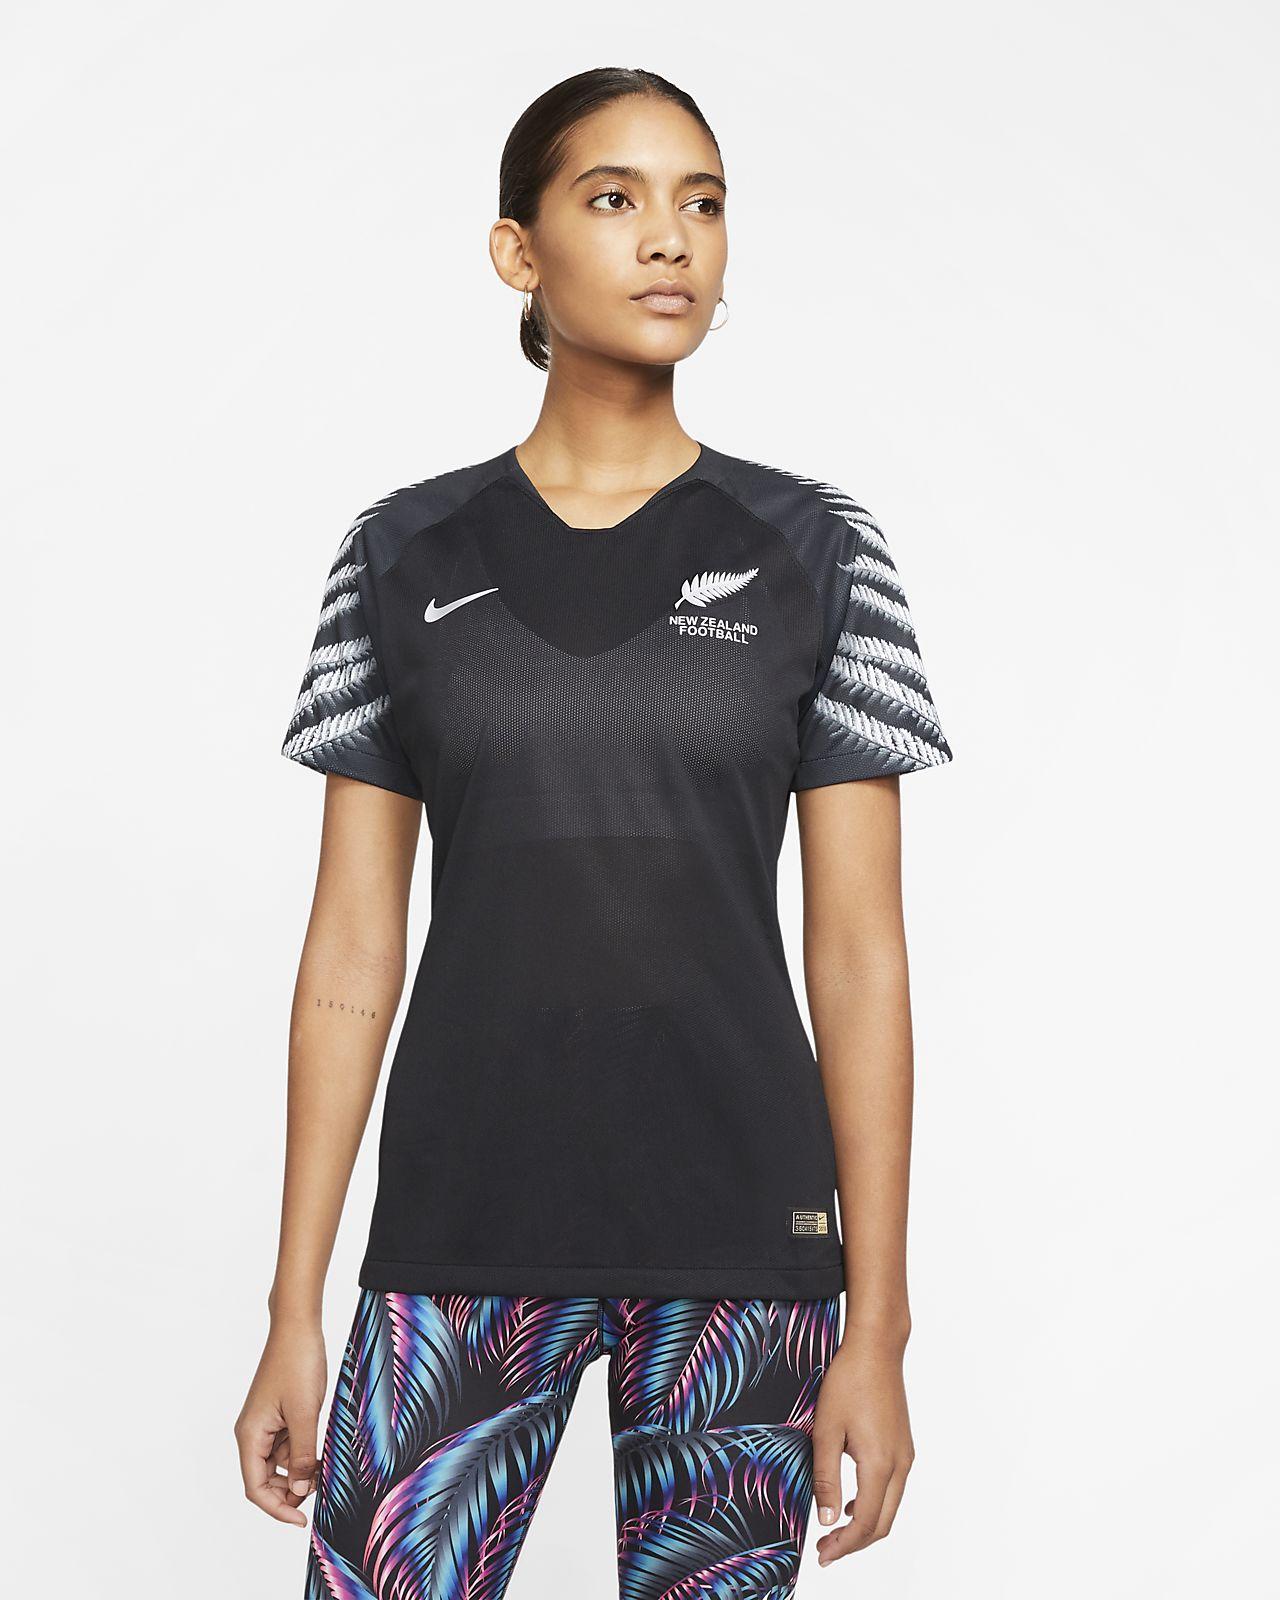 Yeni Zelanda 2019 Deplasman Kadın Futbol Forması